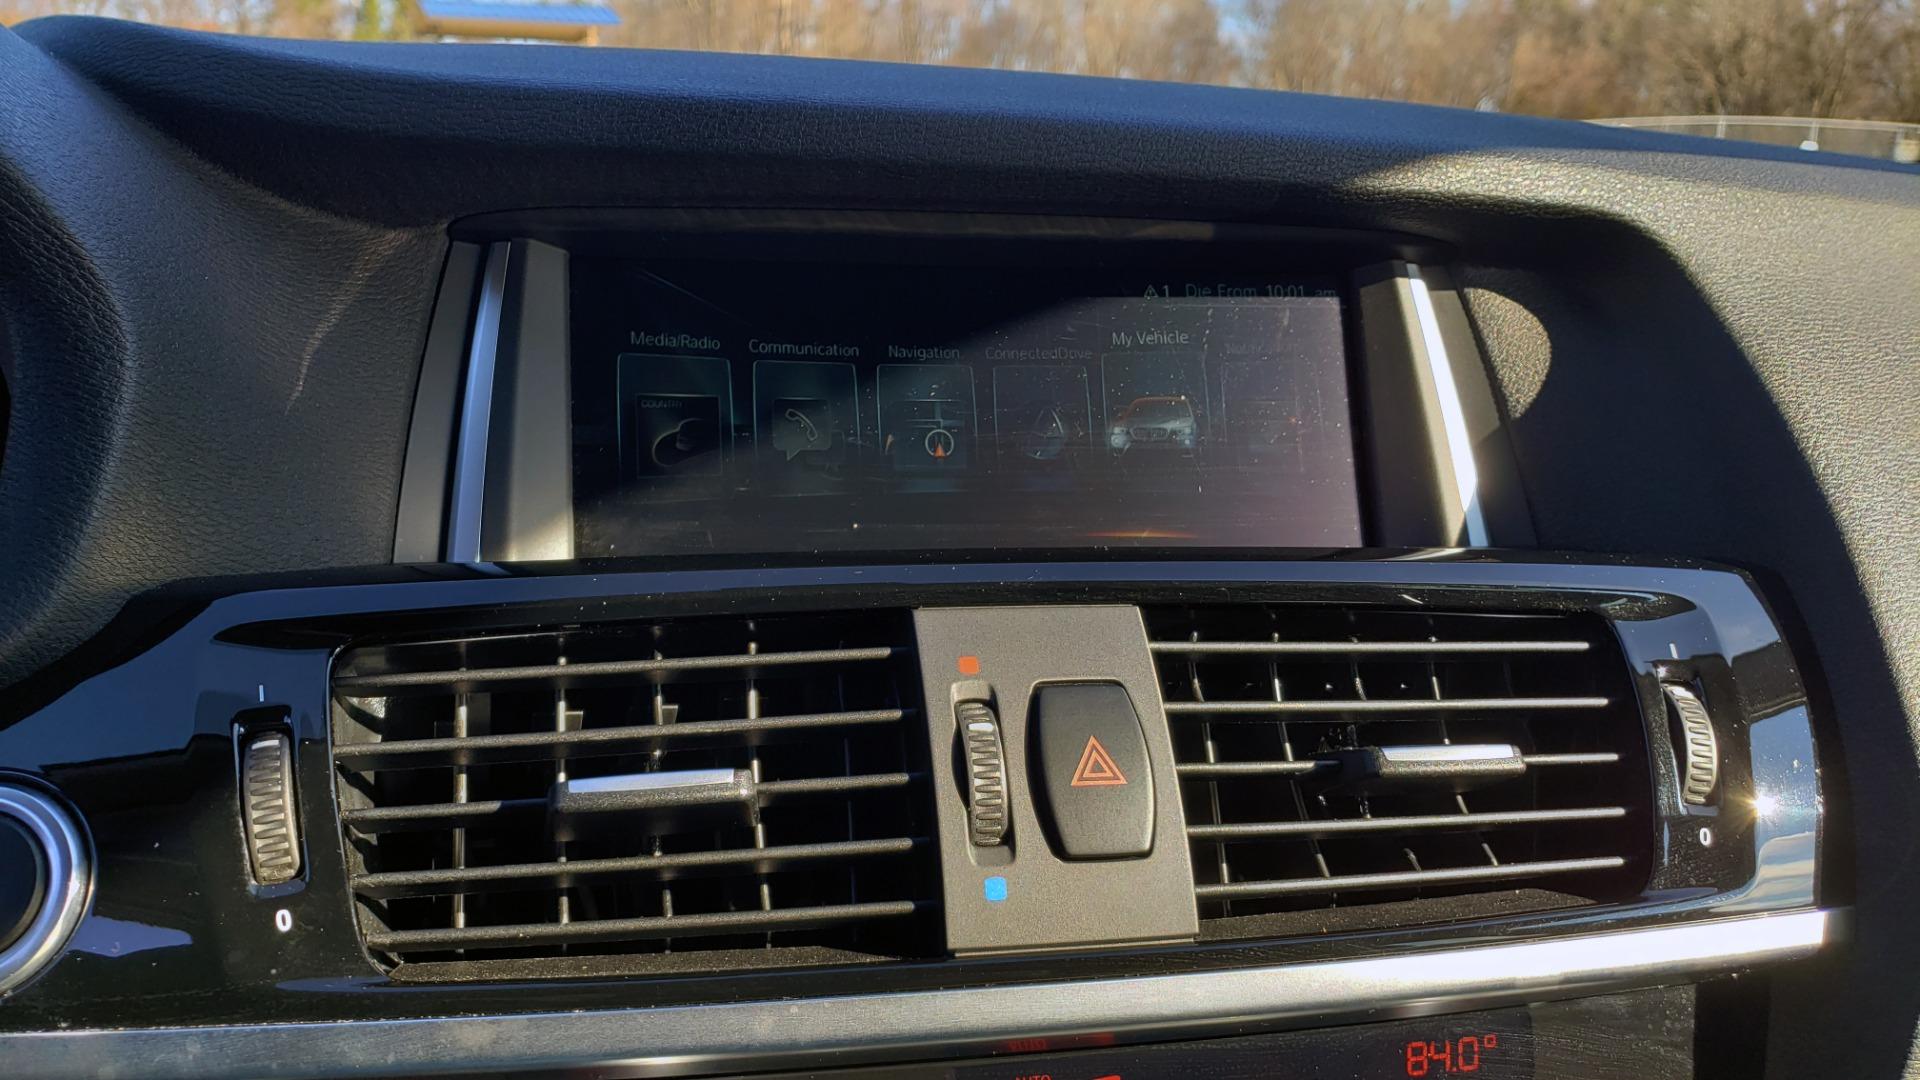 Used 2017 BMW X3 XDRIVE28I / PREM PKG / NAV / DRVR ASST / HTD STS / CAMERAS for sale Sold at Formula Imports in Charlotte NC 28227 57